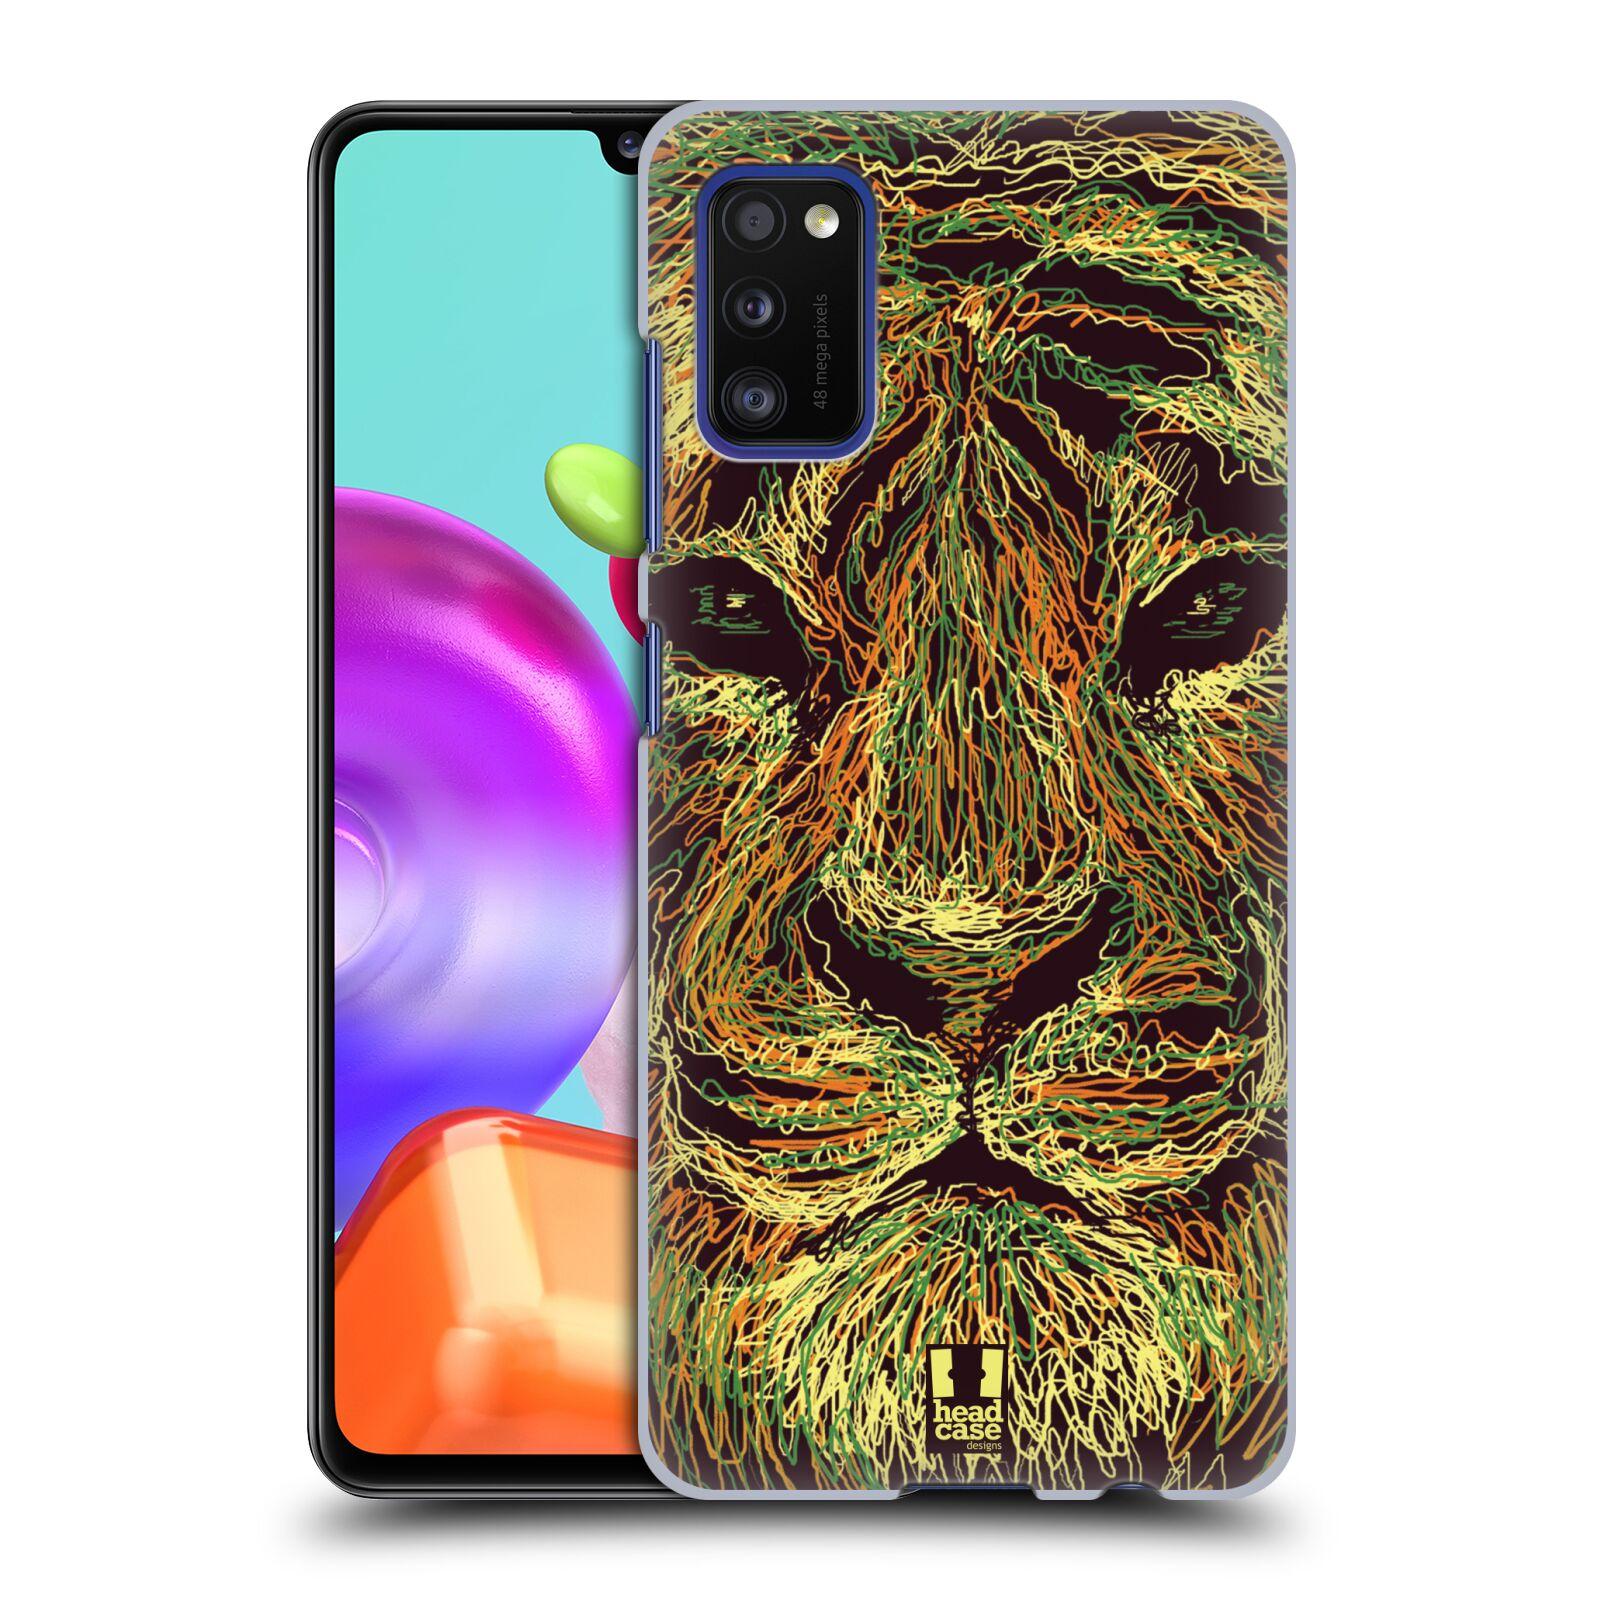 Zadní kryt na mobil Samsung Galaxy A41 vzor zvíře čmáranice tygr